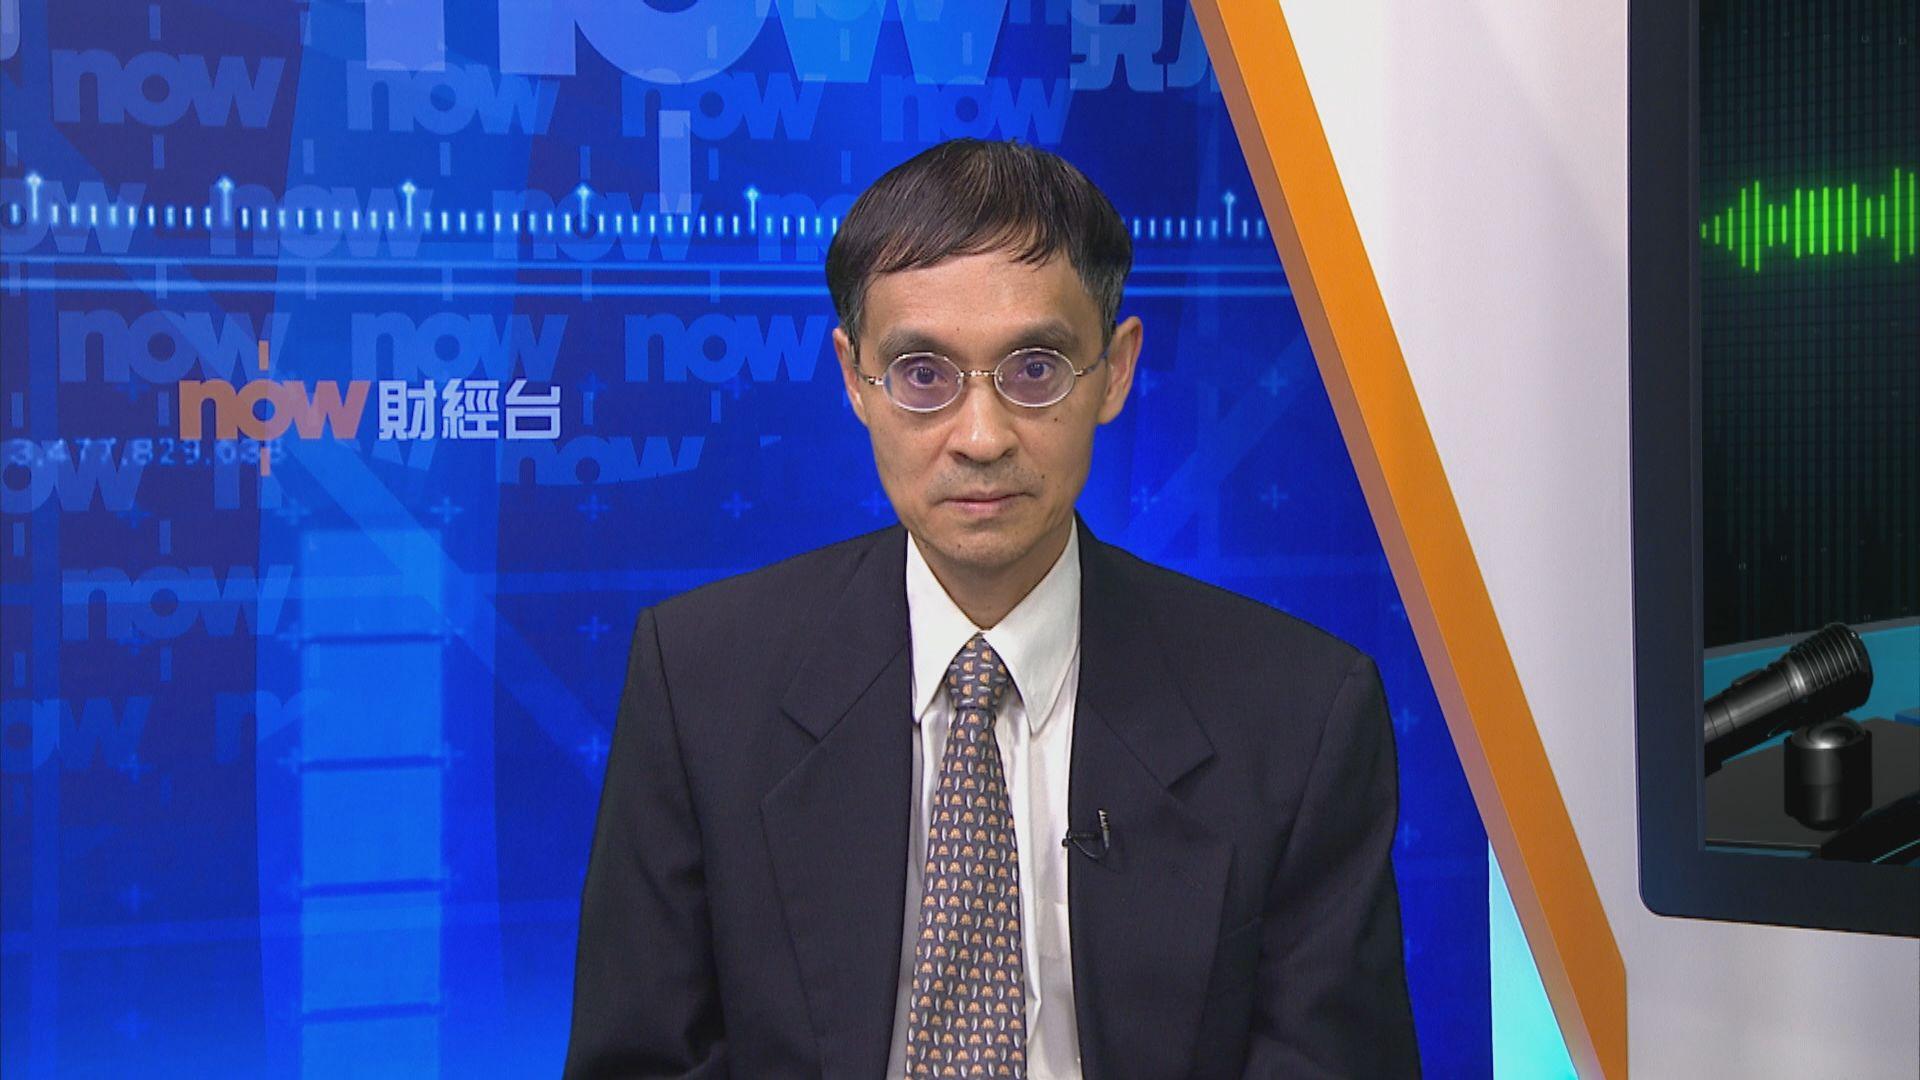 陳弘毅:中央在港設立機構性質類似中聯辦等